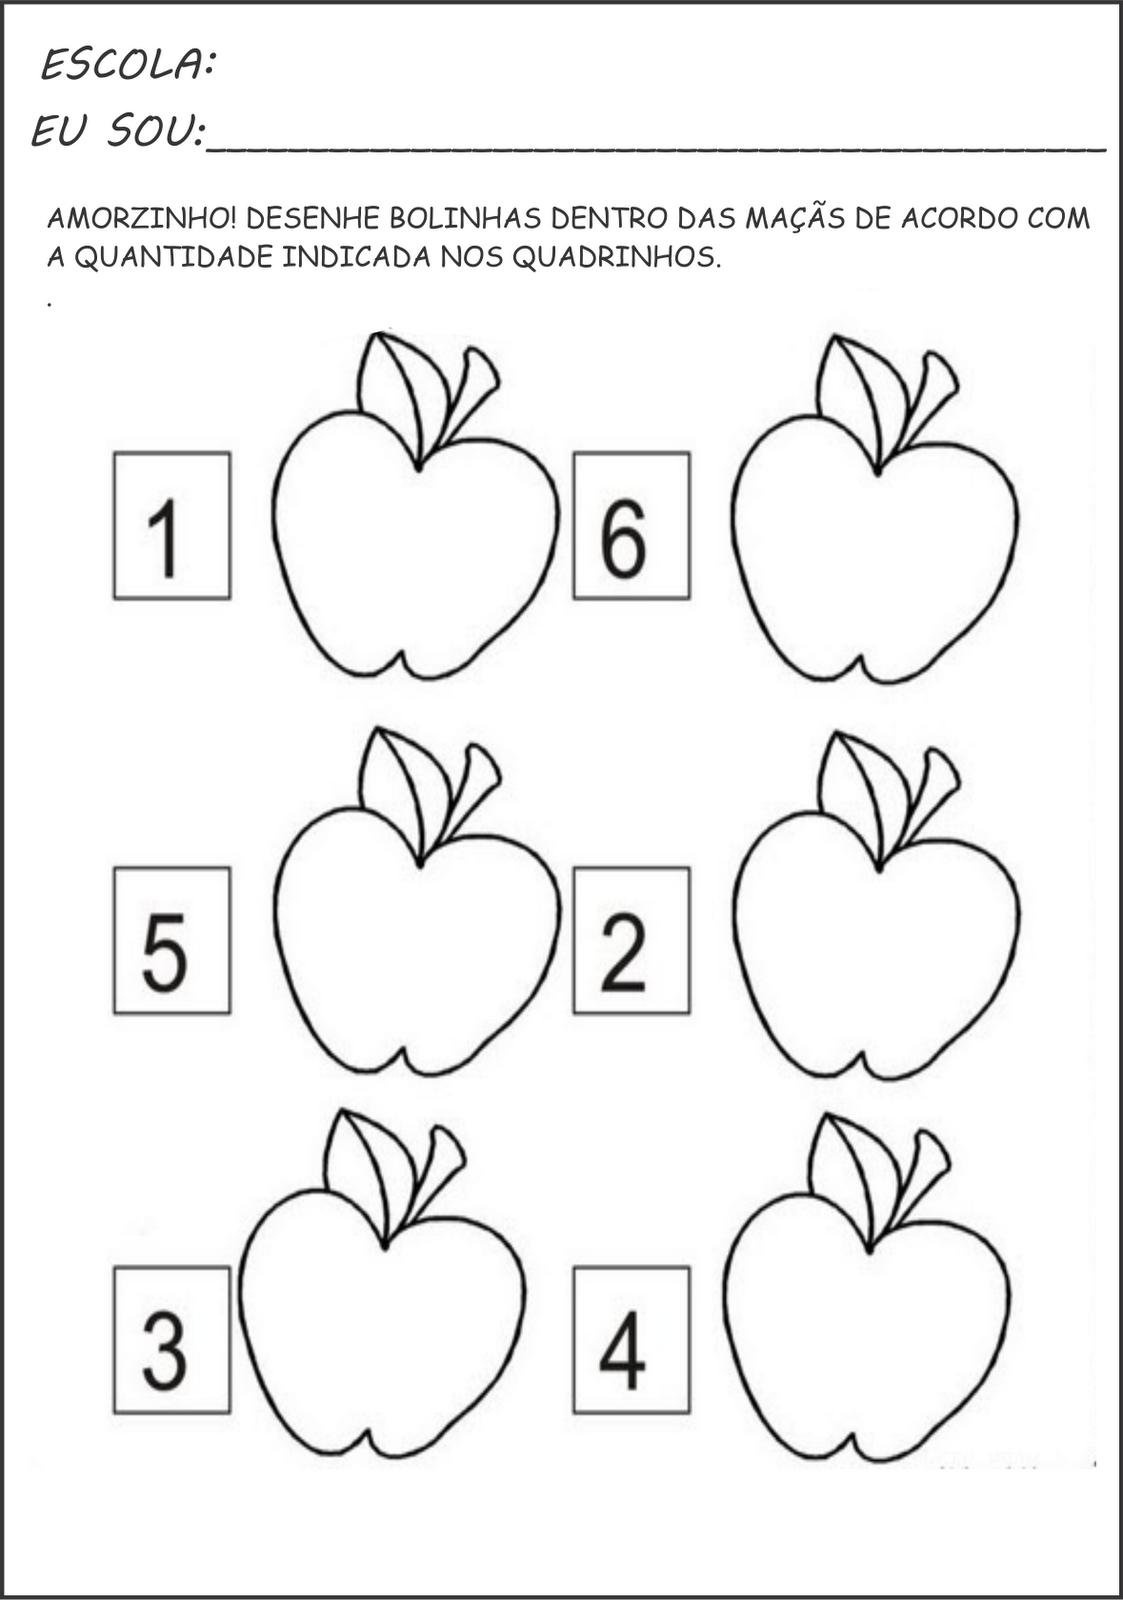 Projeto Pedagogico   Projeto Alimentacao Saudavel   Projetos para  #676664 1123 1600